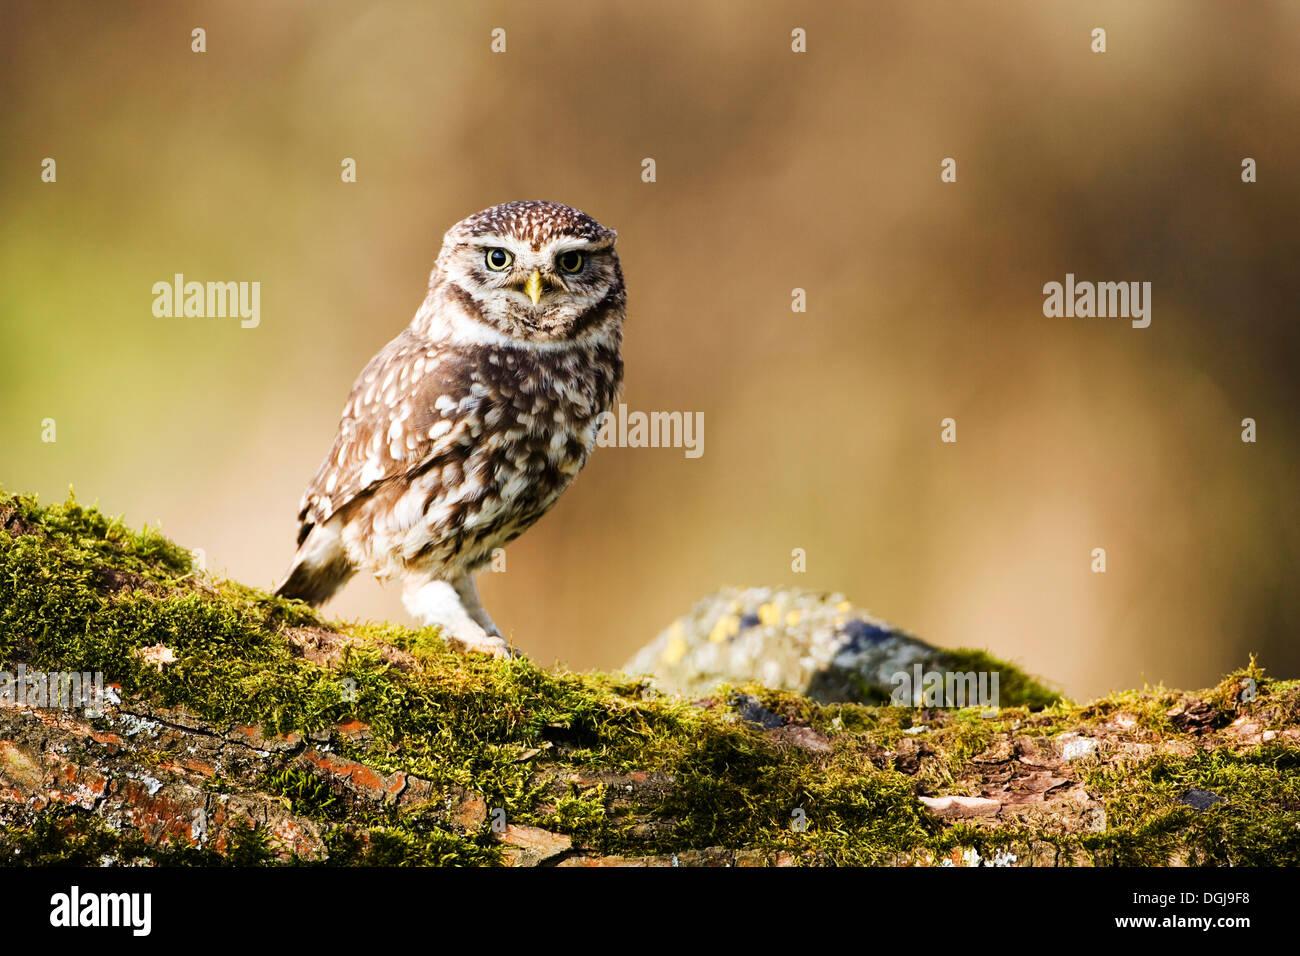 Un pequeño búho posado sobre una rama de musgo. Imagen De Stock